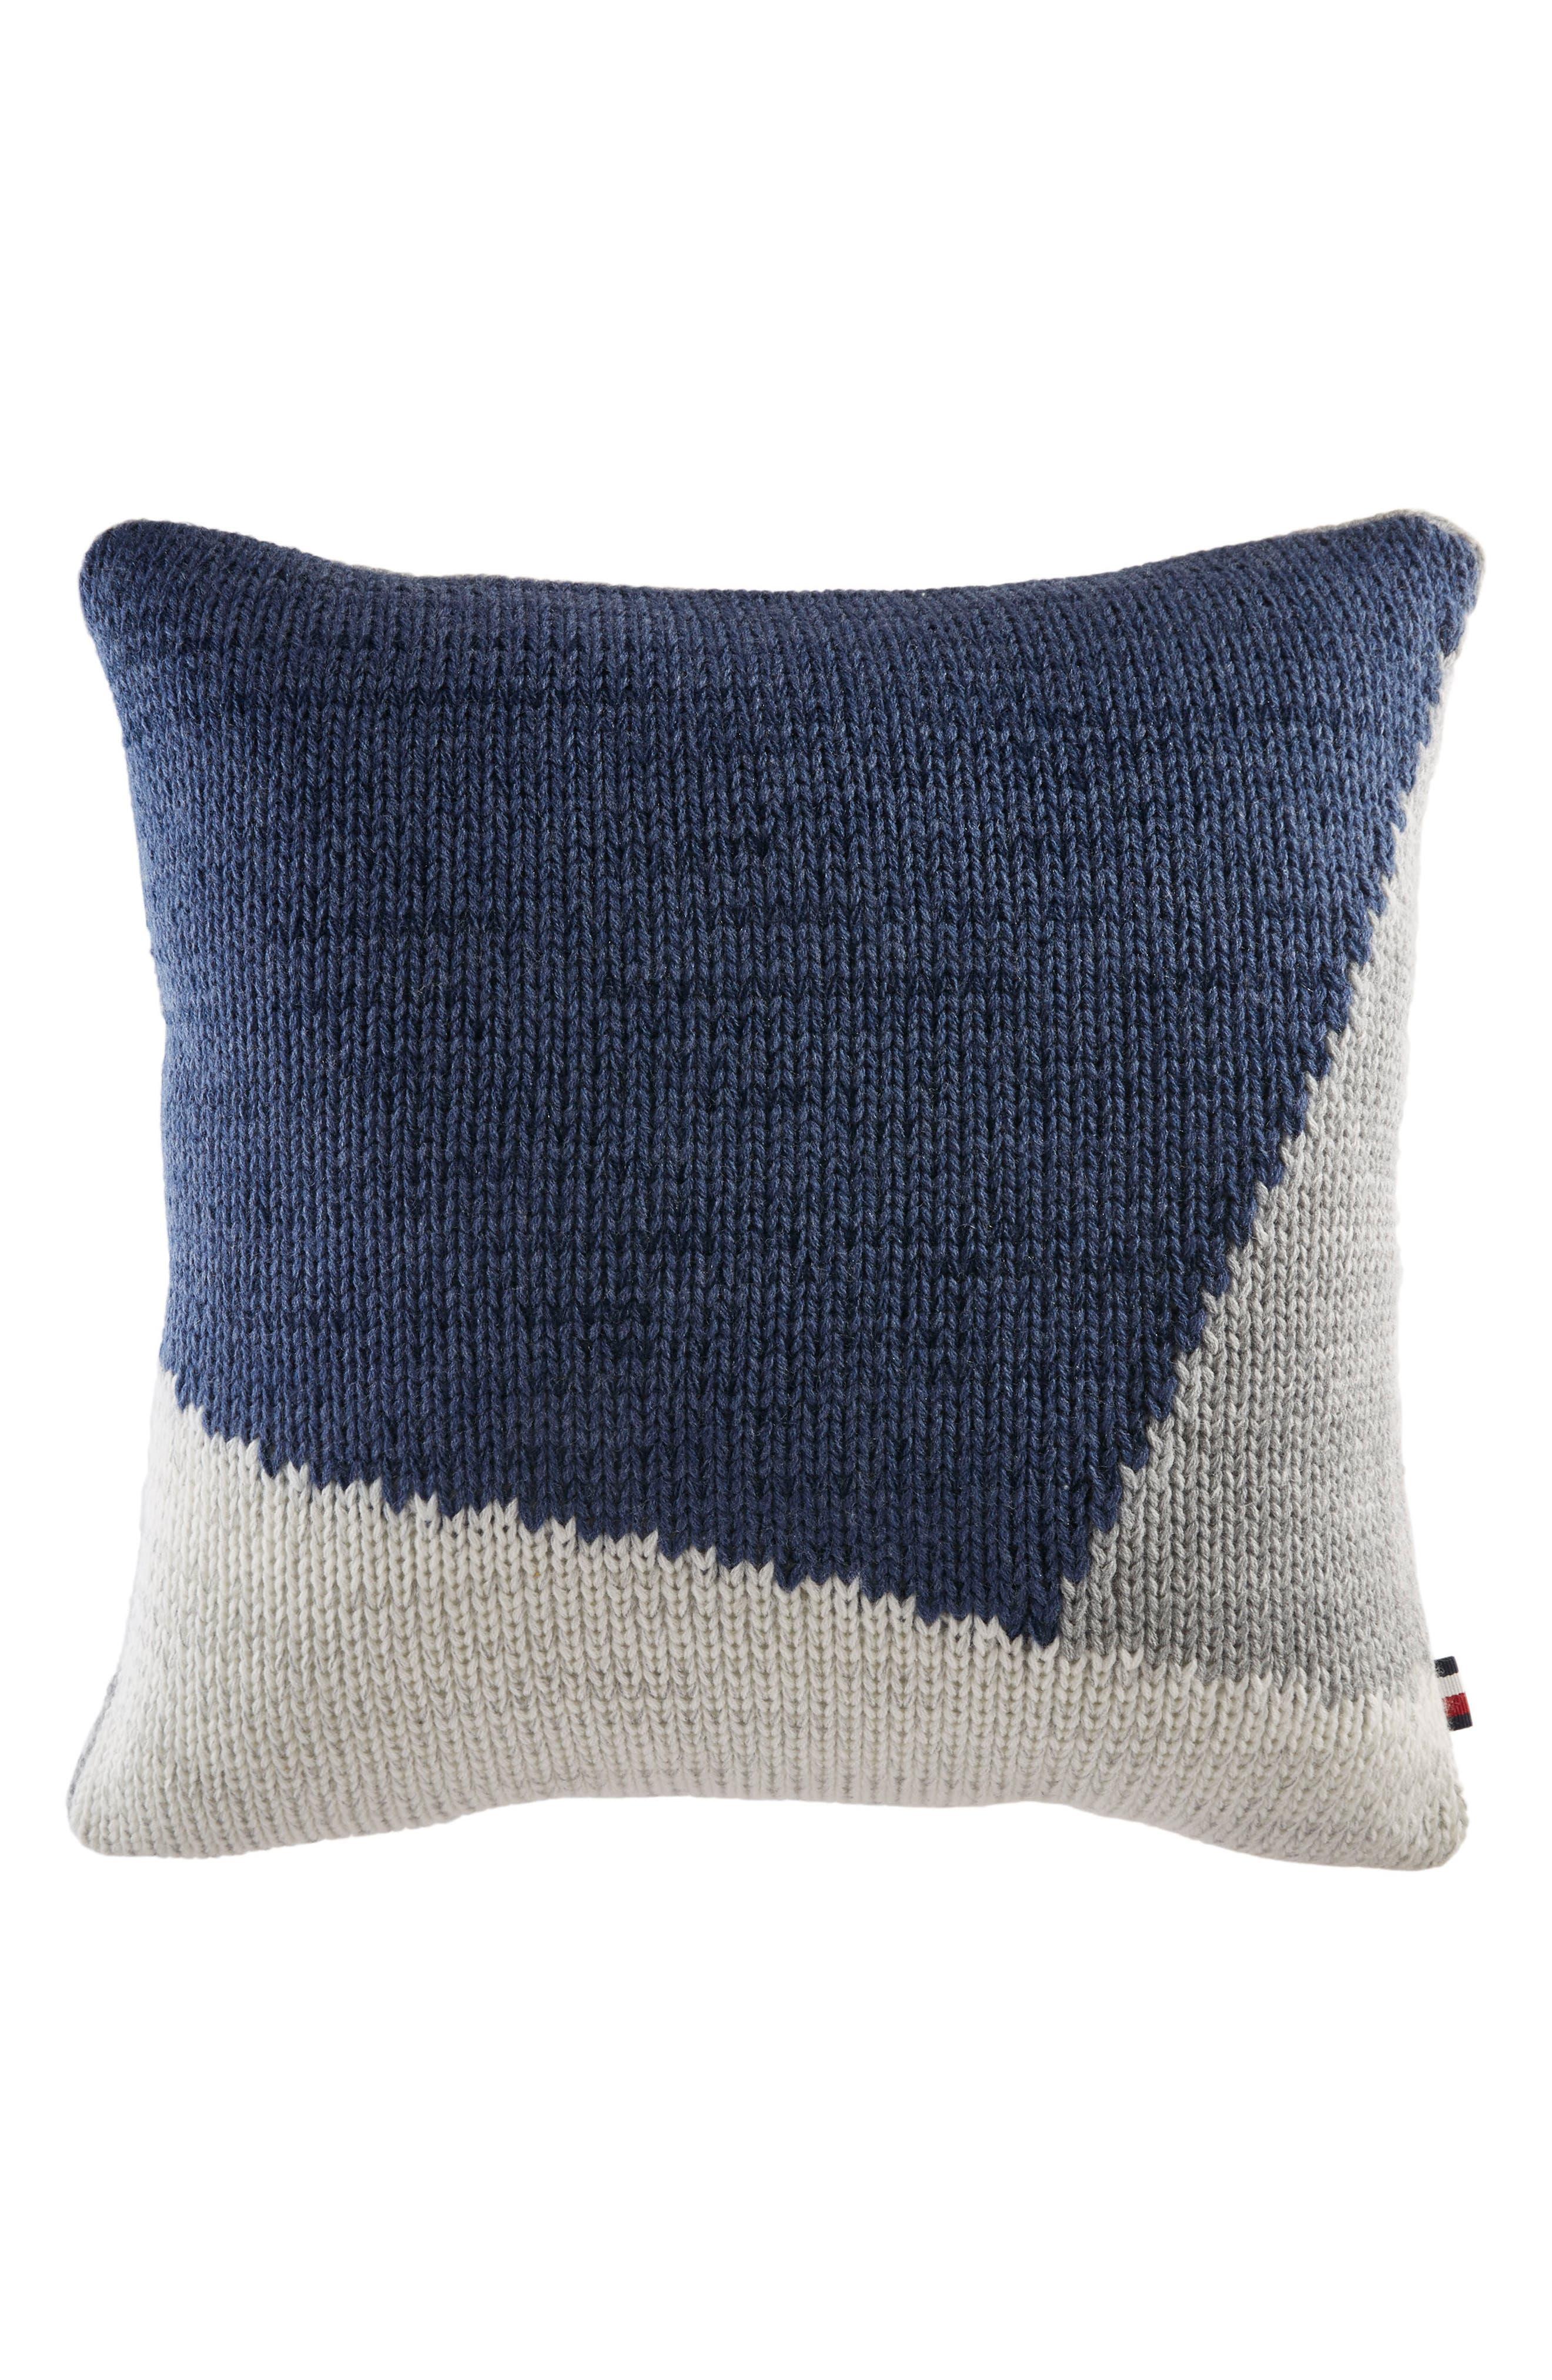 Colorblock Knit Accent Pillow,                             Main thumbnail 1, color,